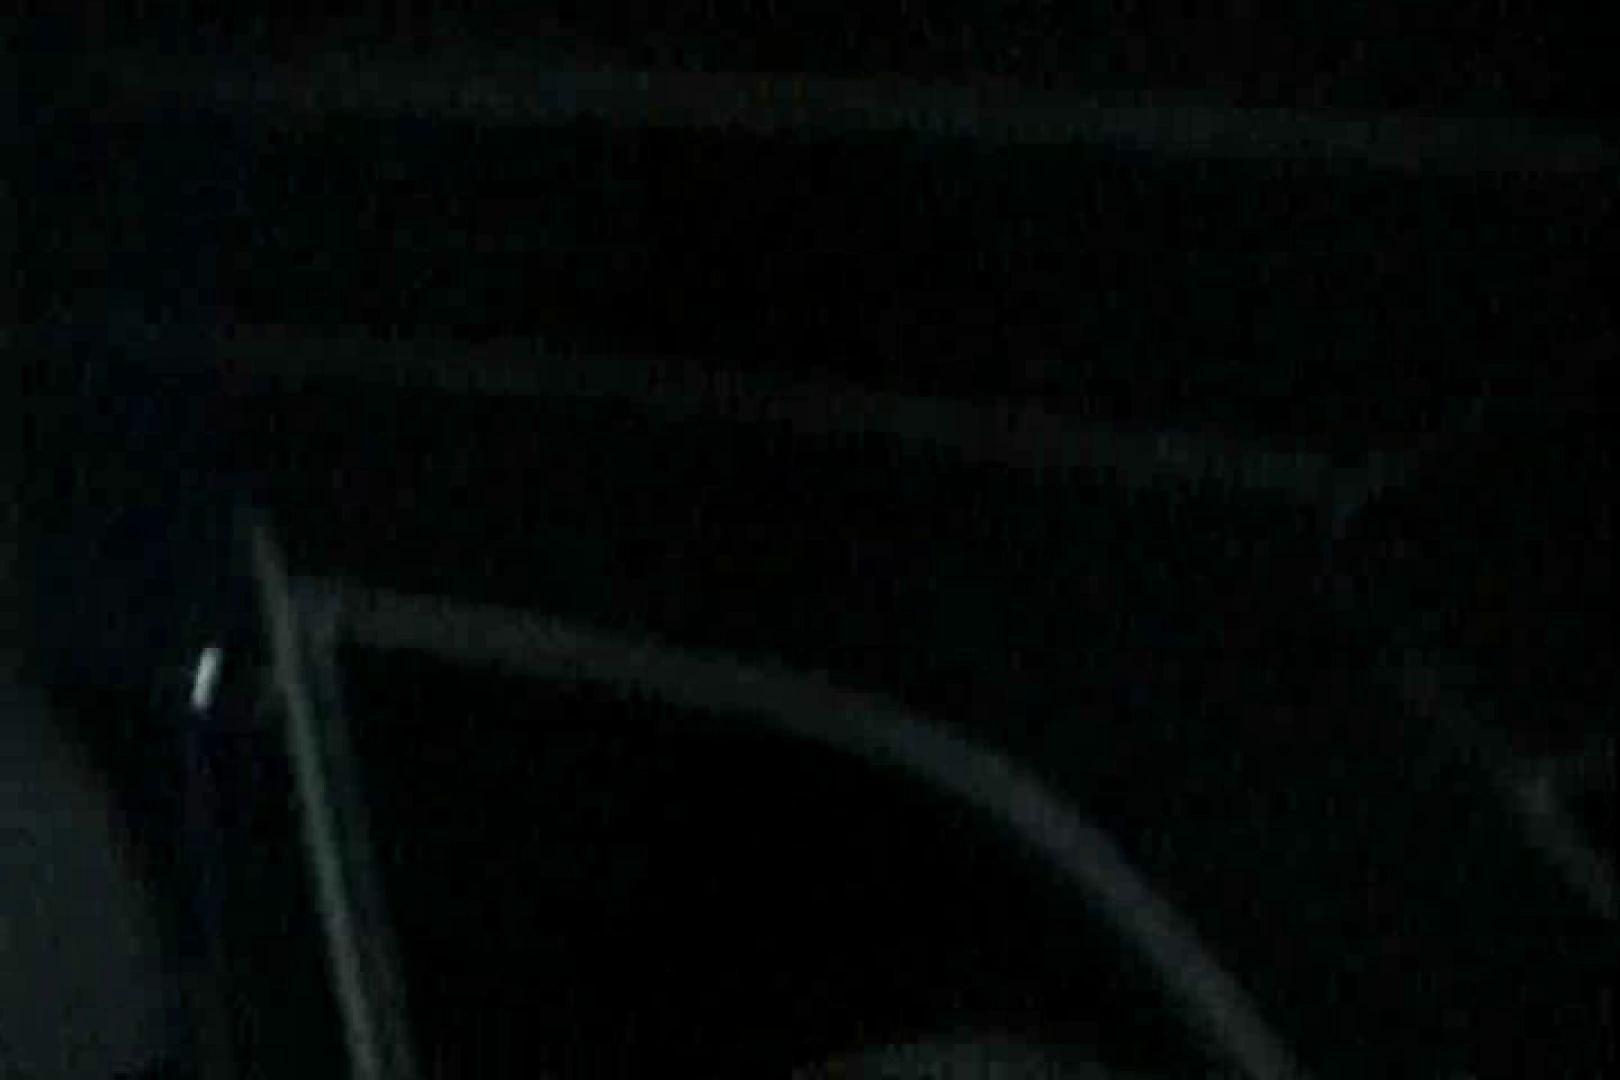 充血監督の深夜の運動会Vol.124 独身エッチOL | 生セックス  87pic 81